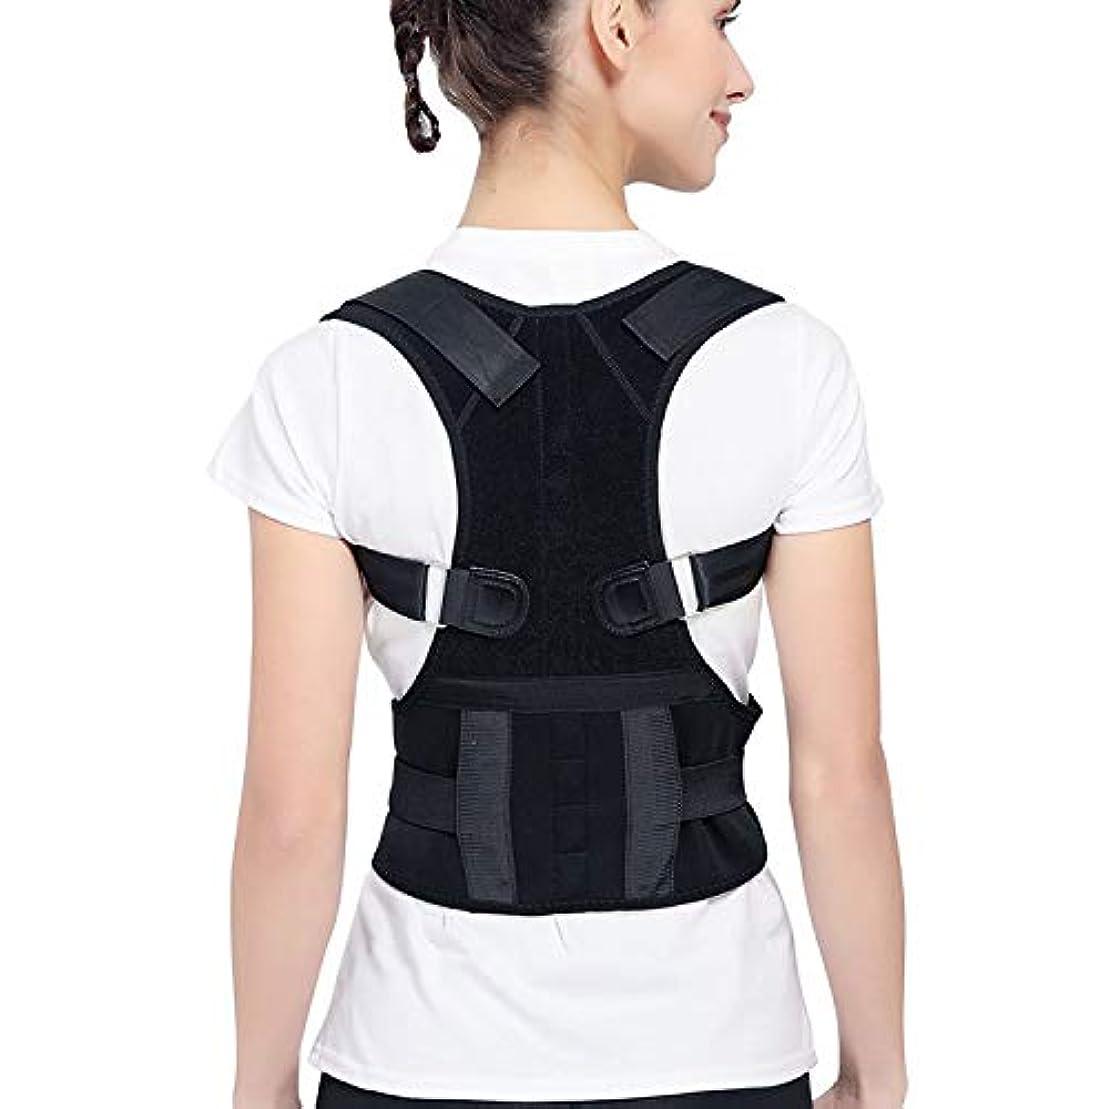 会う外国人無意識aomashangmao 男性と女性の首の肩の痛みをサポートする肩と背中のトレーナー補正ベルト